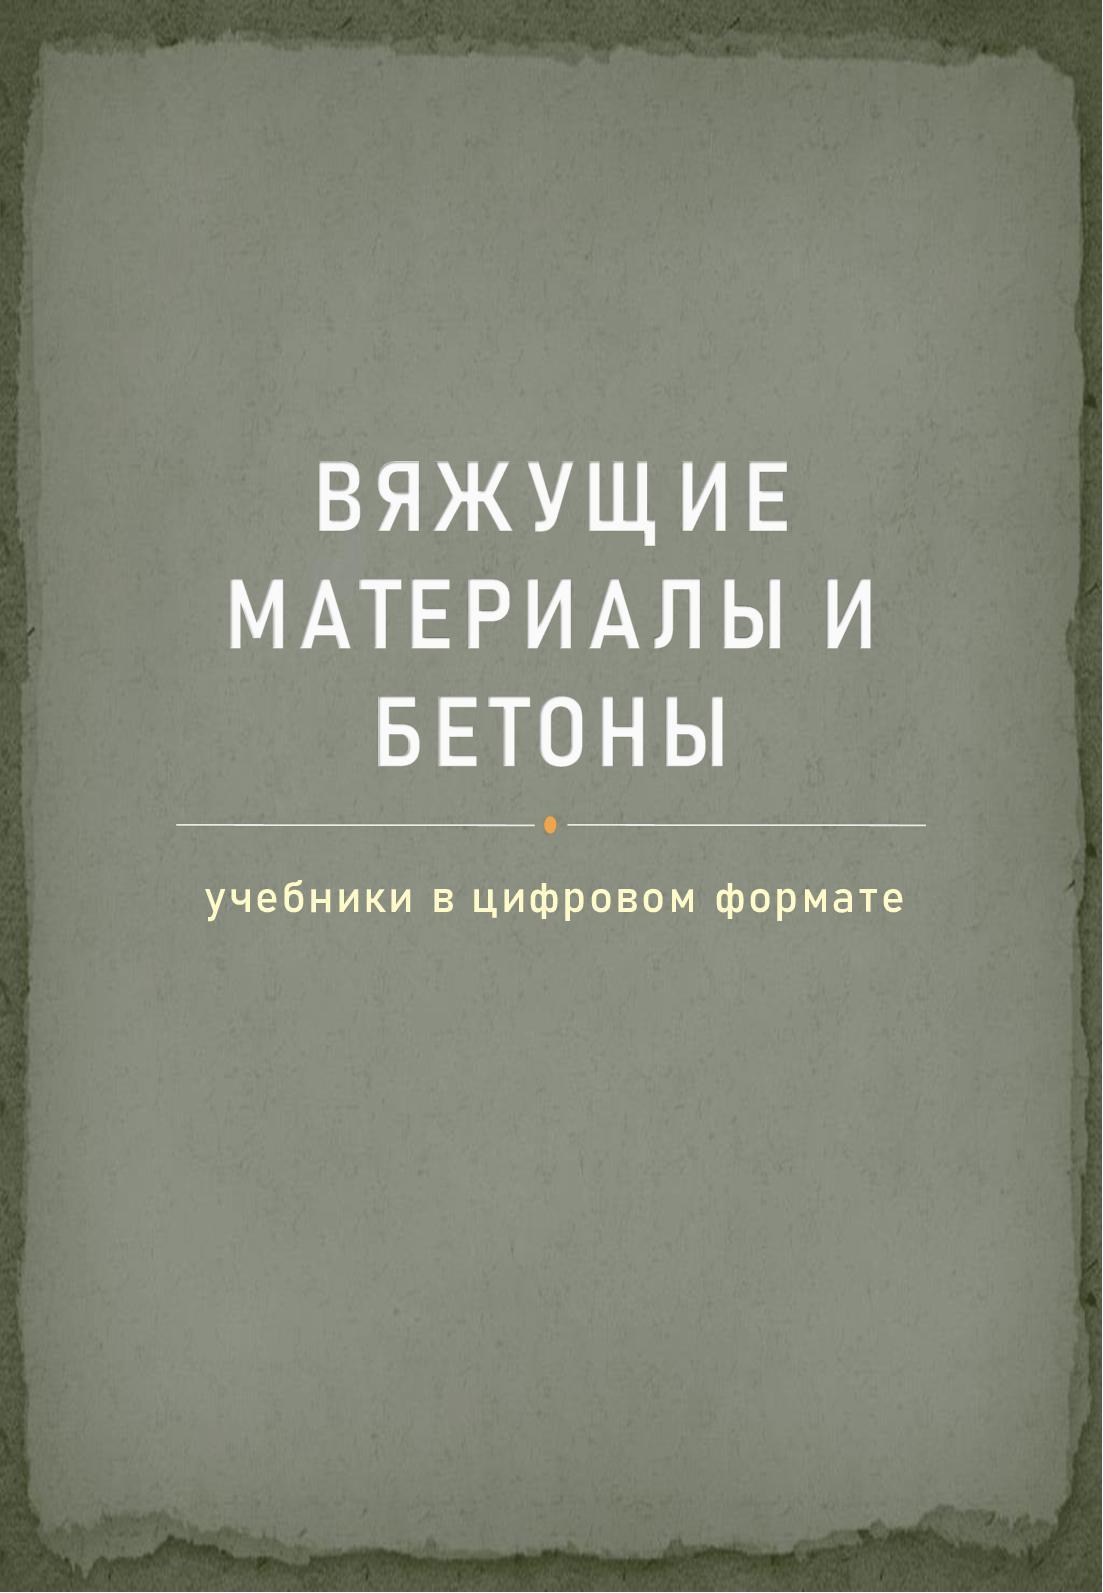 Бетоны учебник томск бетон купить